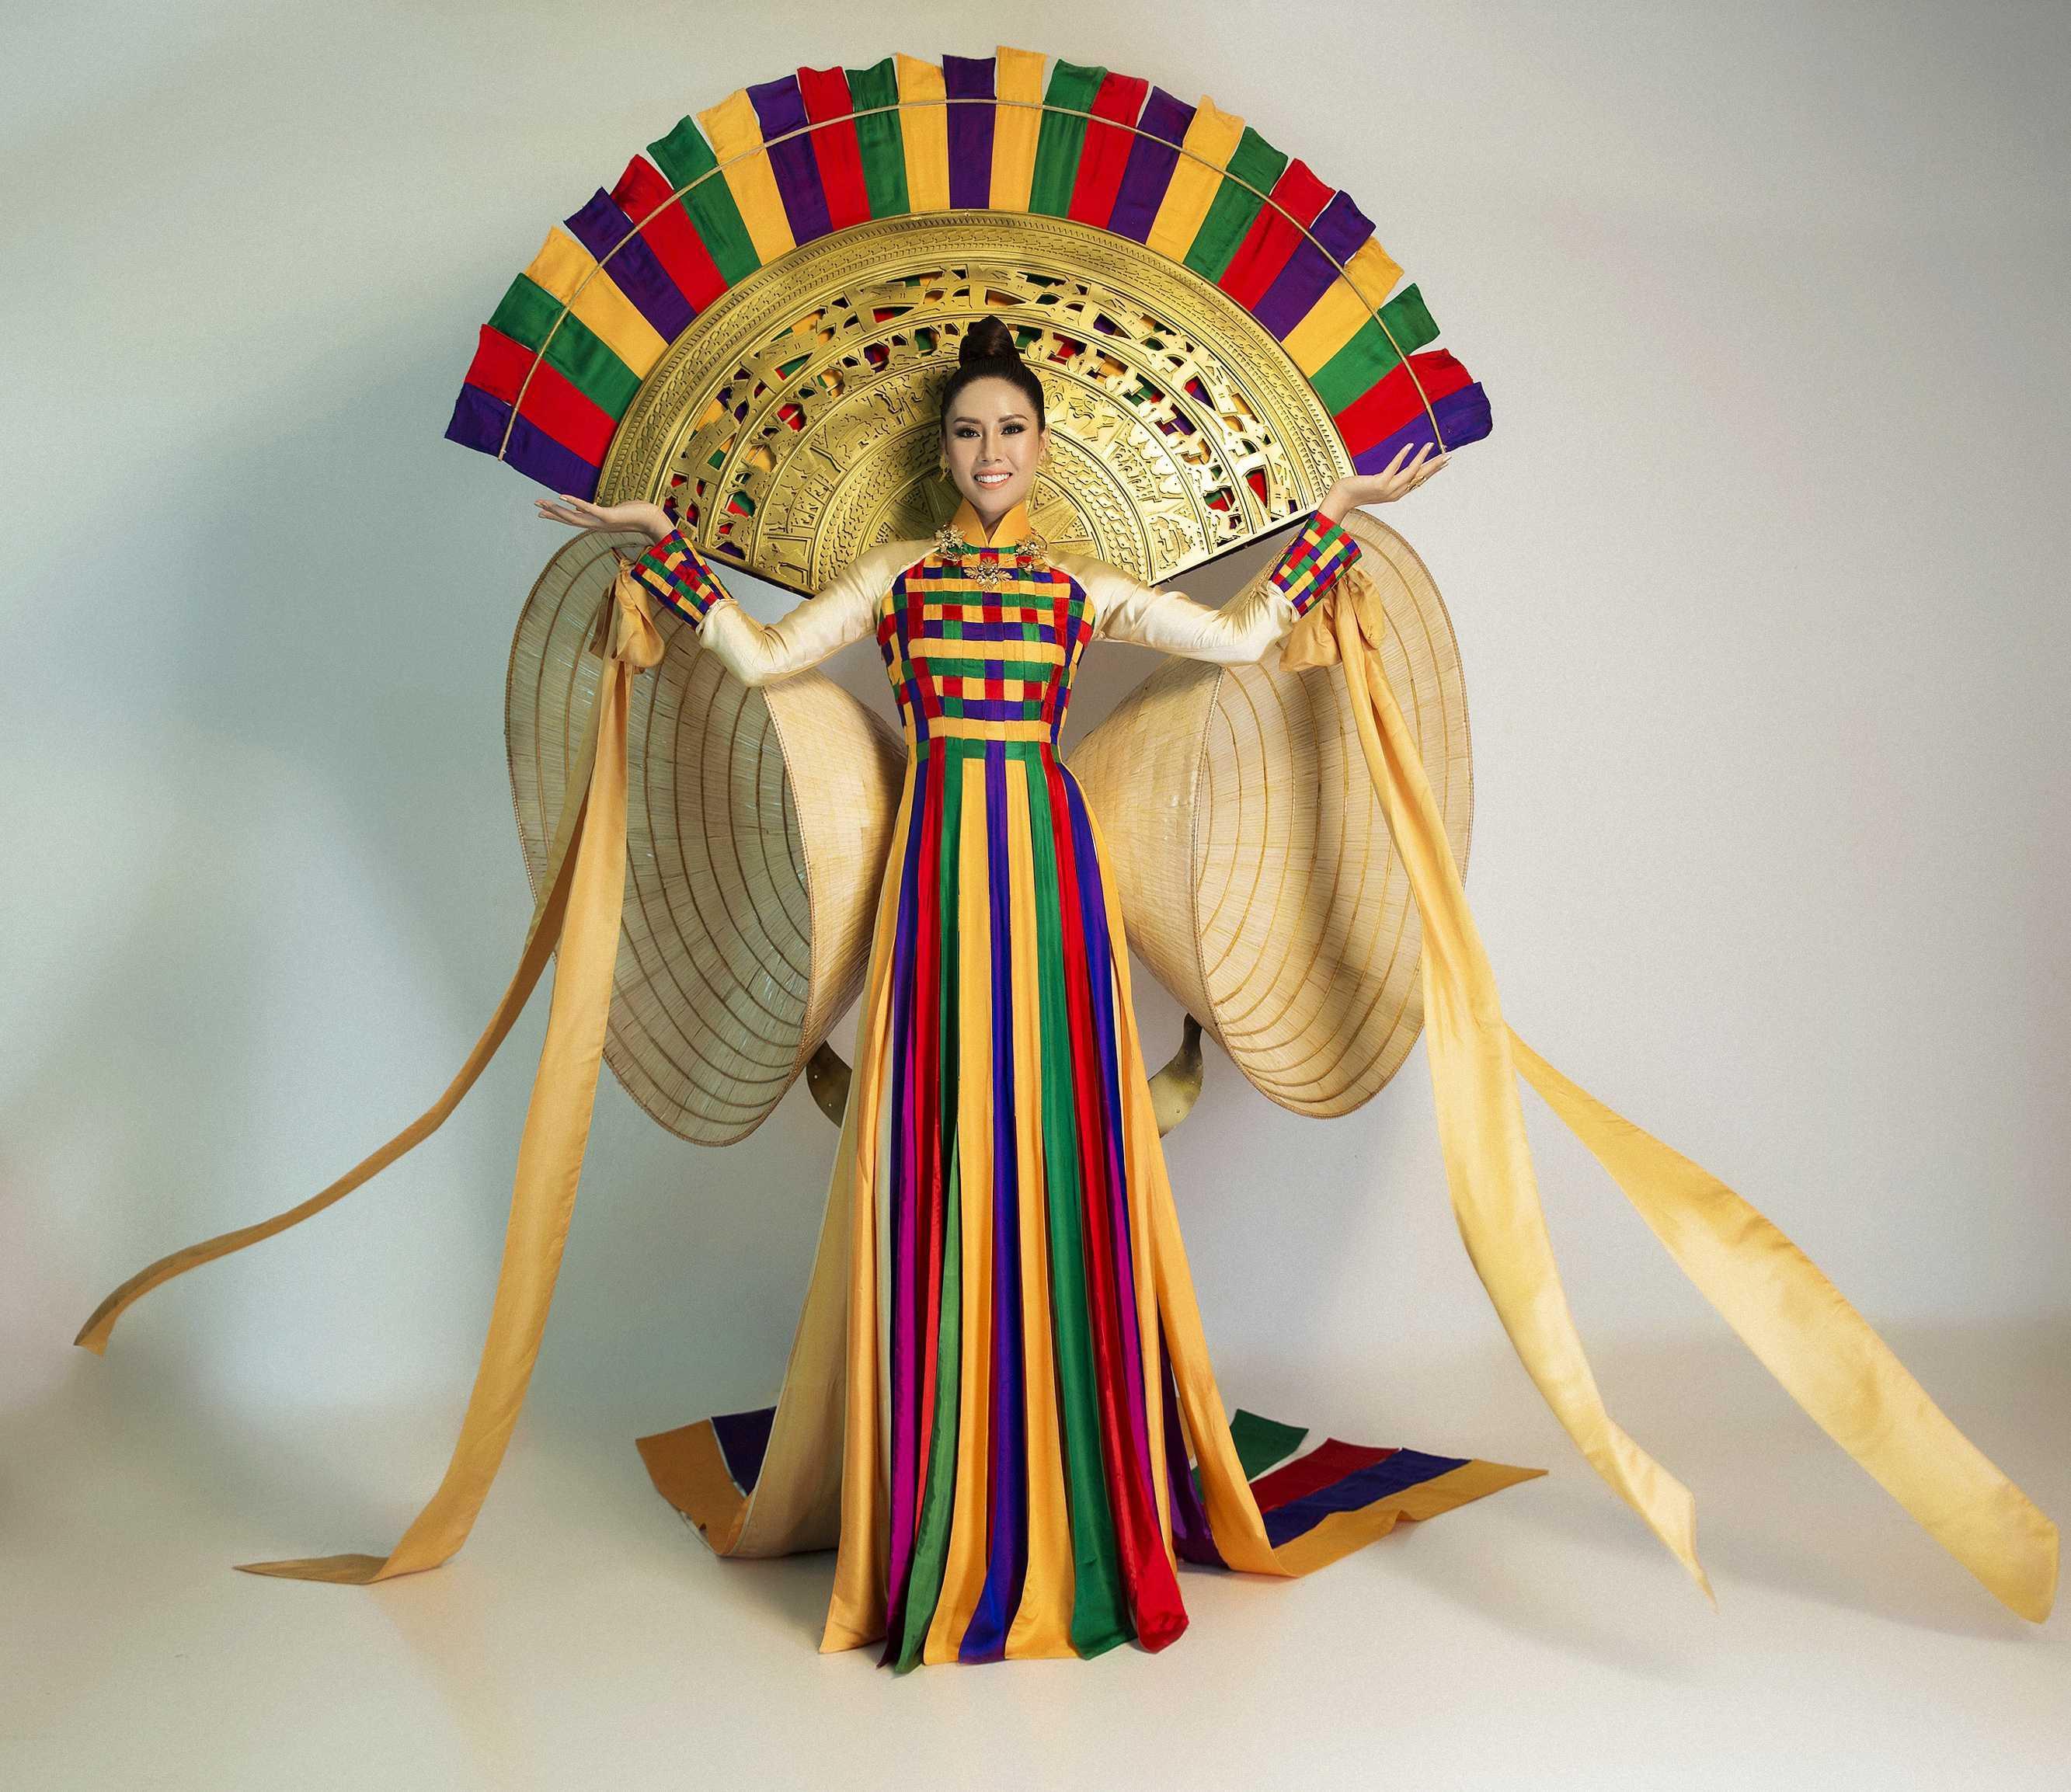 Chủ nhân National Costume Nàng Mây thiết kế váy tàu điện Metro cho Khánh Vân: Cổng trường cũng thành trang phục cực chất Ảnh 17